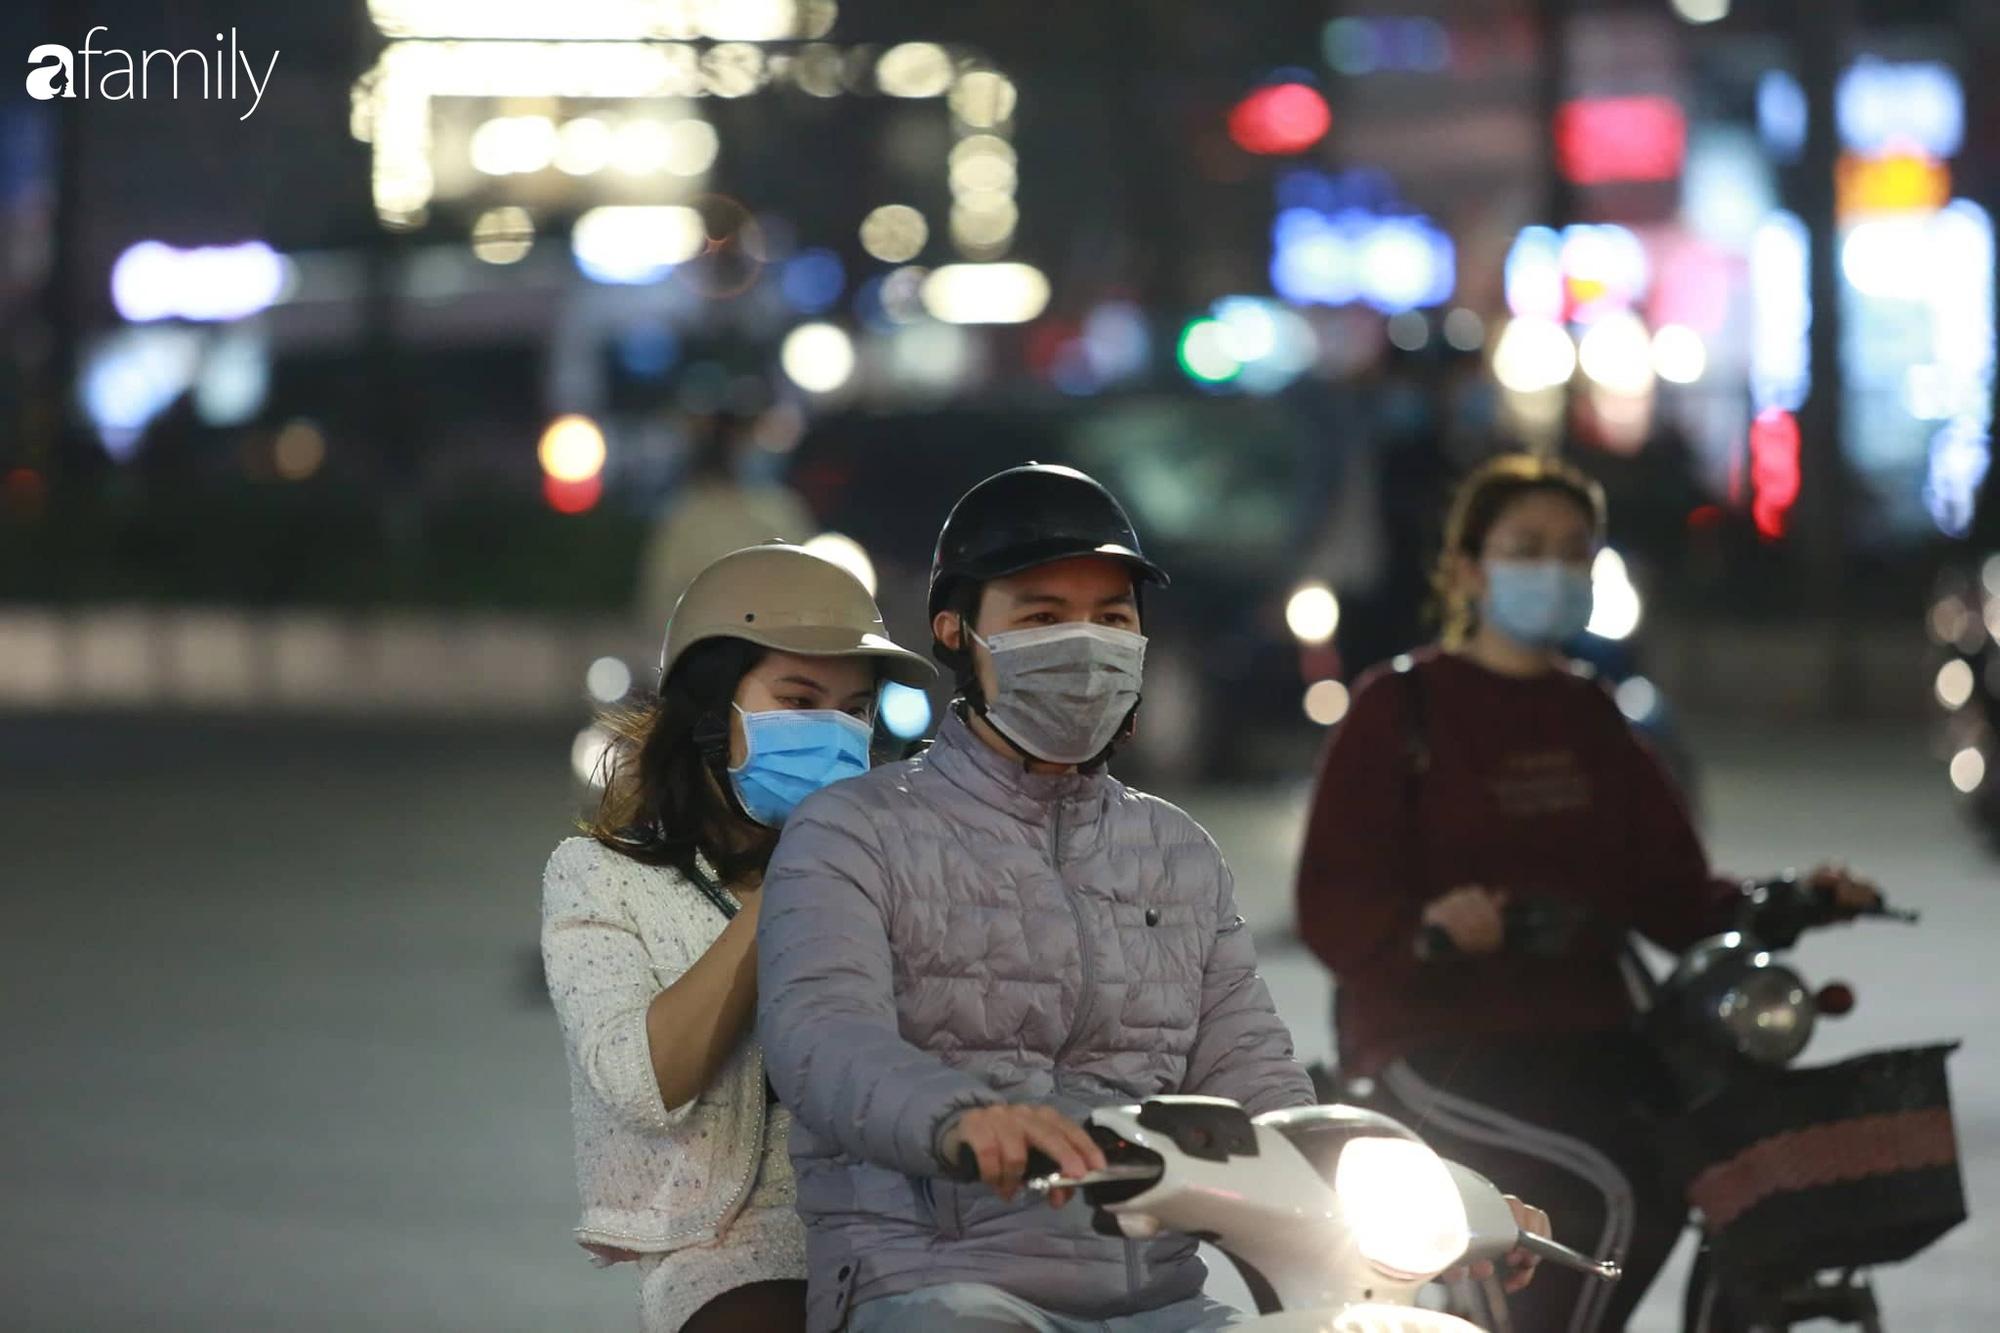 Valentine Hà Nội - Sài Gòn vắng vẻ đìu hiu vì dịch Corona, từ trung tâm thương mại đến phố phường đều ít bóng tình nhân đi chơi - Ảnh 3.